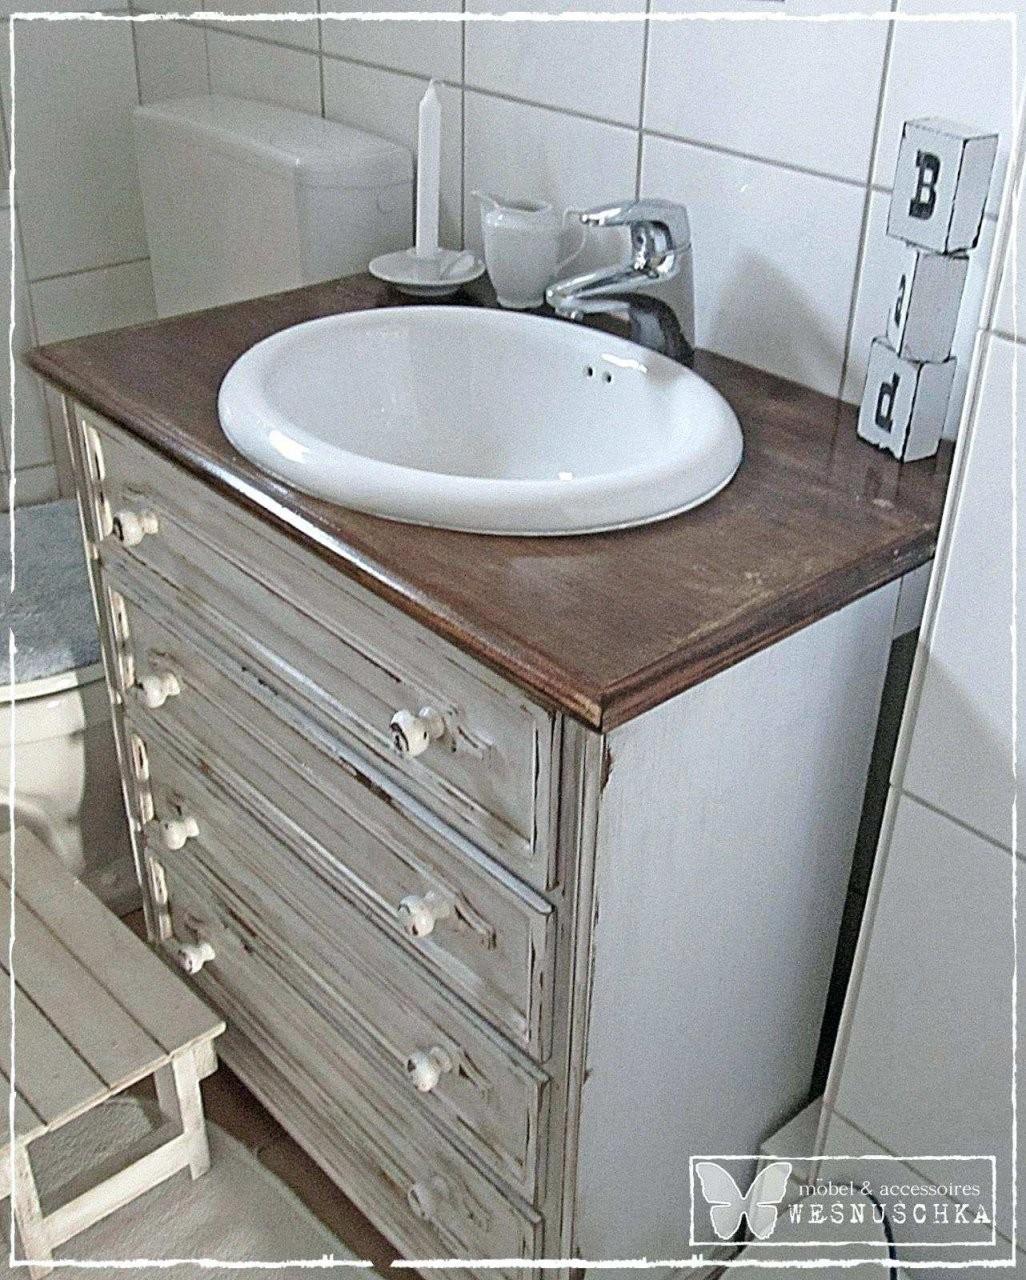 30 Elegant Ideen Über Bauplatten Holz  Einrichtungsideen von Waschtisch Selber Bauen Bauplatten Photo